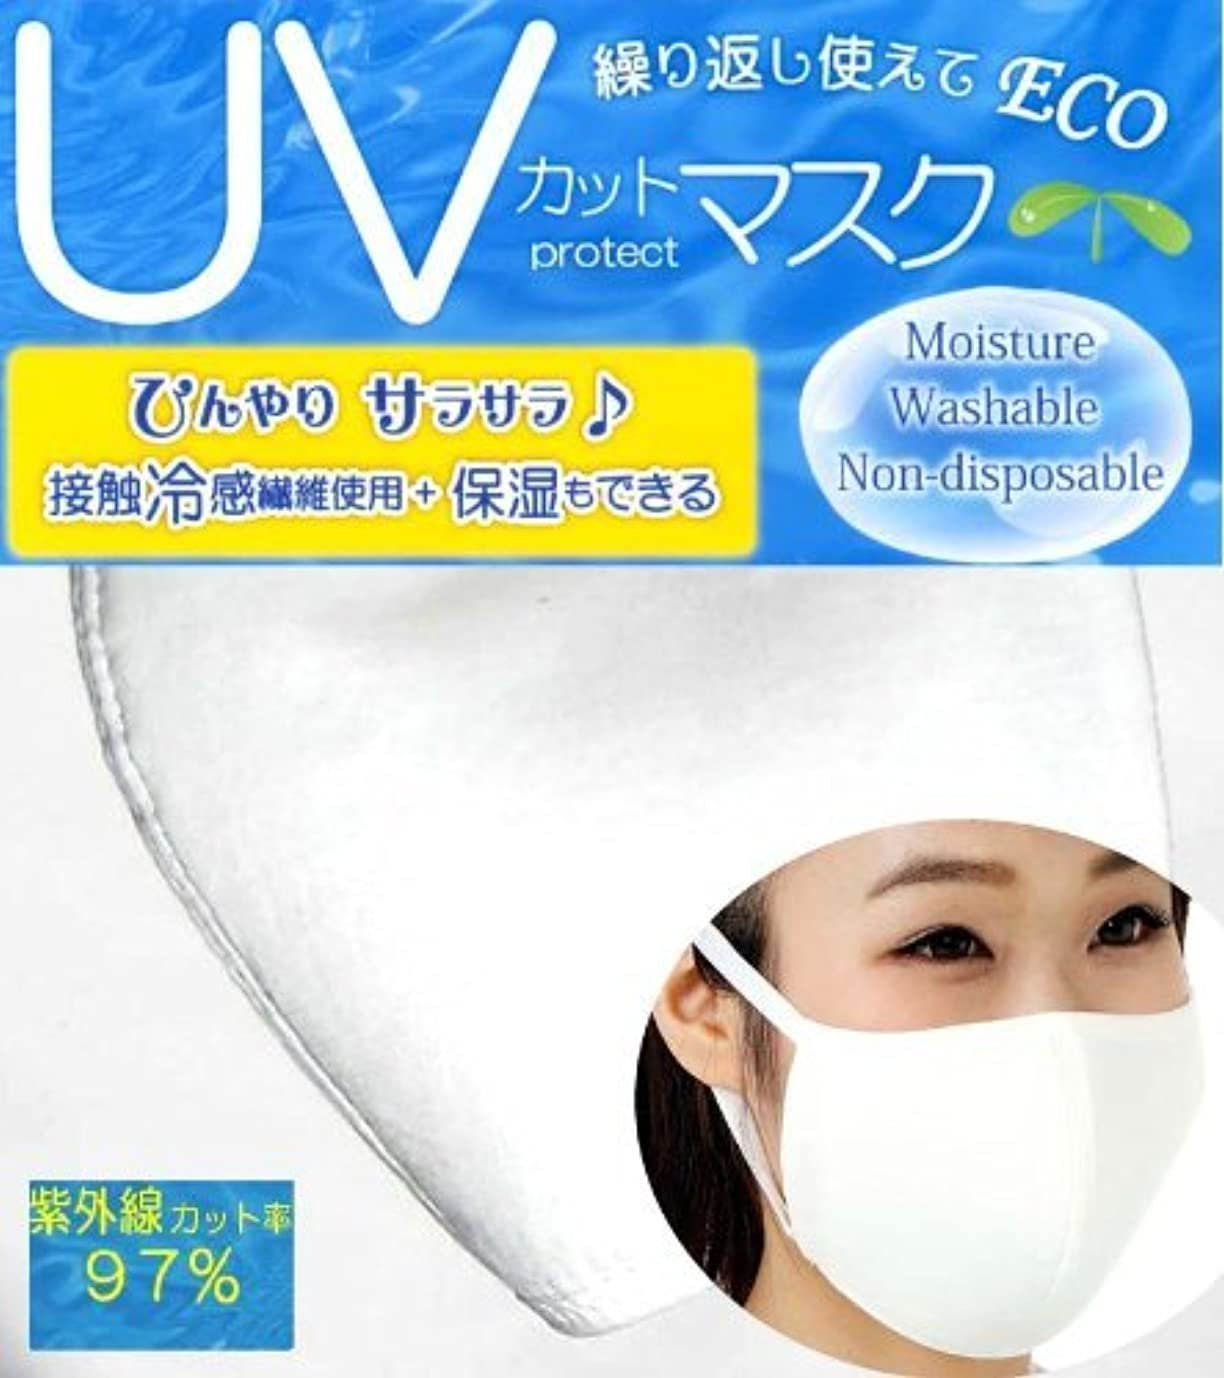 キャッチ気質乳剤ツーヨン UVカット マスク 2枚入り 繰り返し使える < 長時間着用しても 耳が痛くならない > 【 紫外線 遮蔽率97% 】 日本製 生地使用 天然素材中心 立体マスク 【 無地 オフホワイト 】 T-56